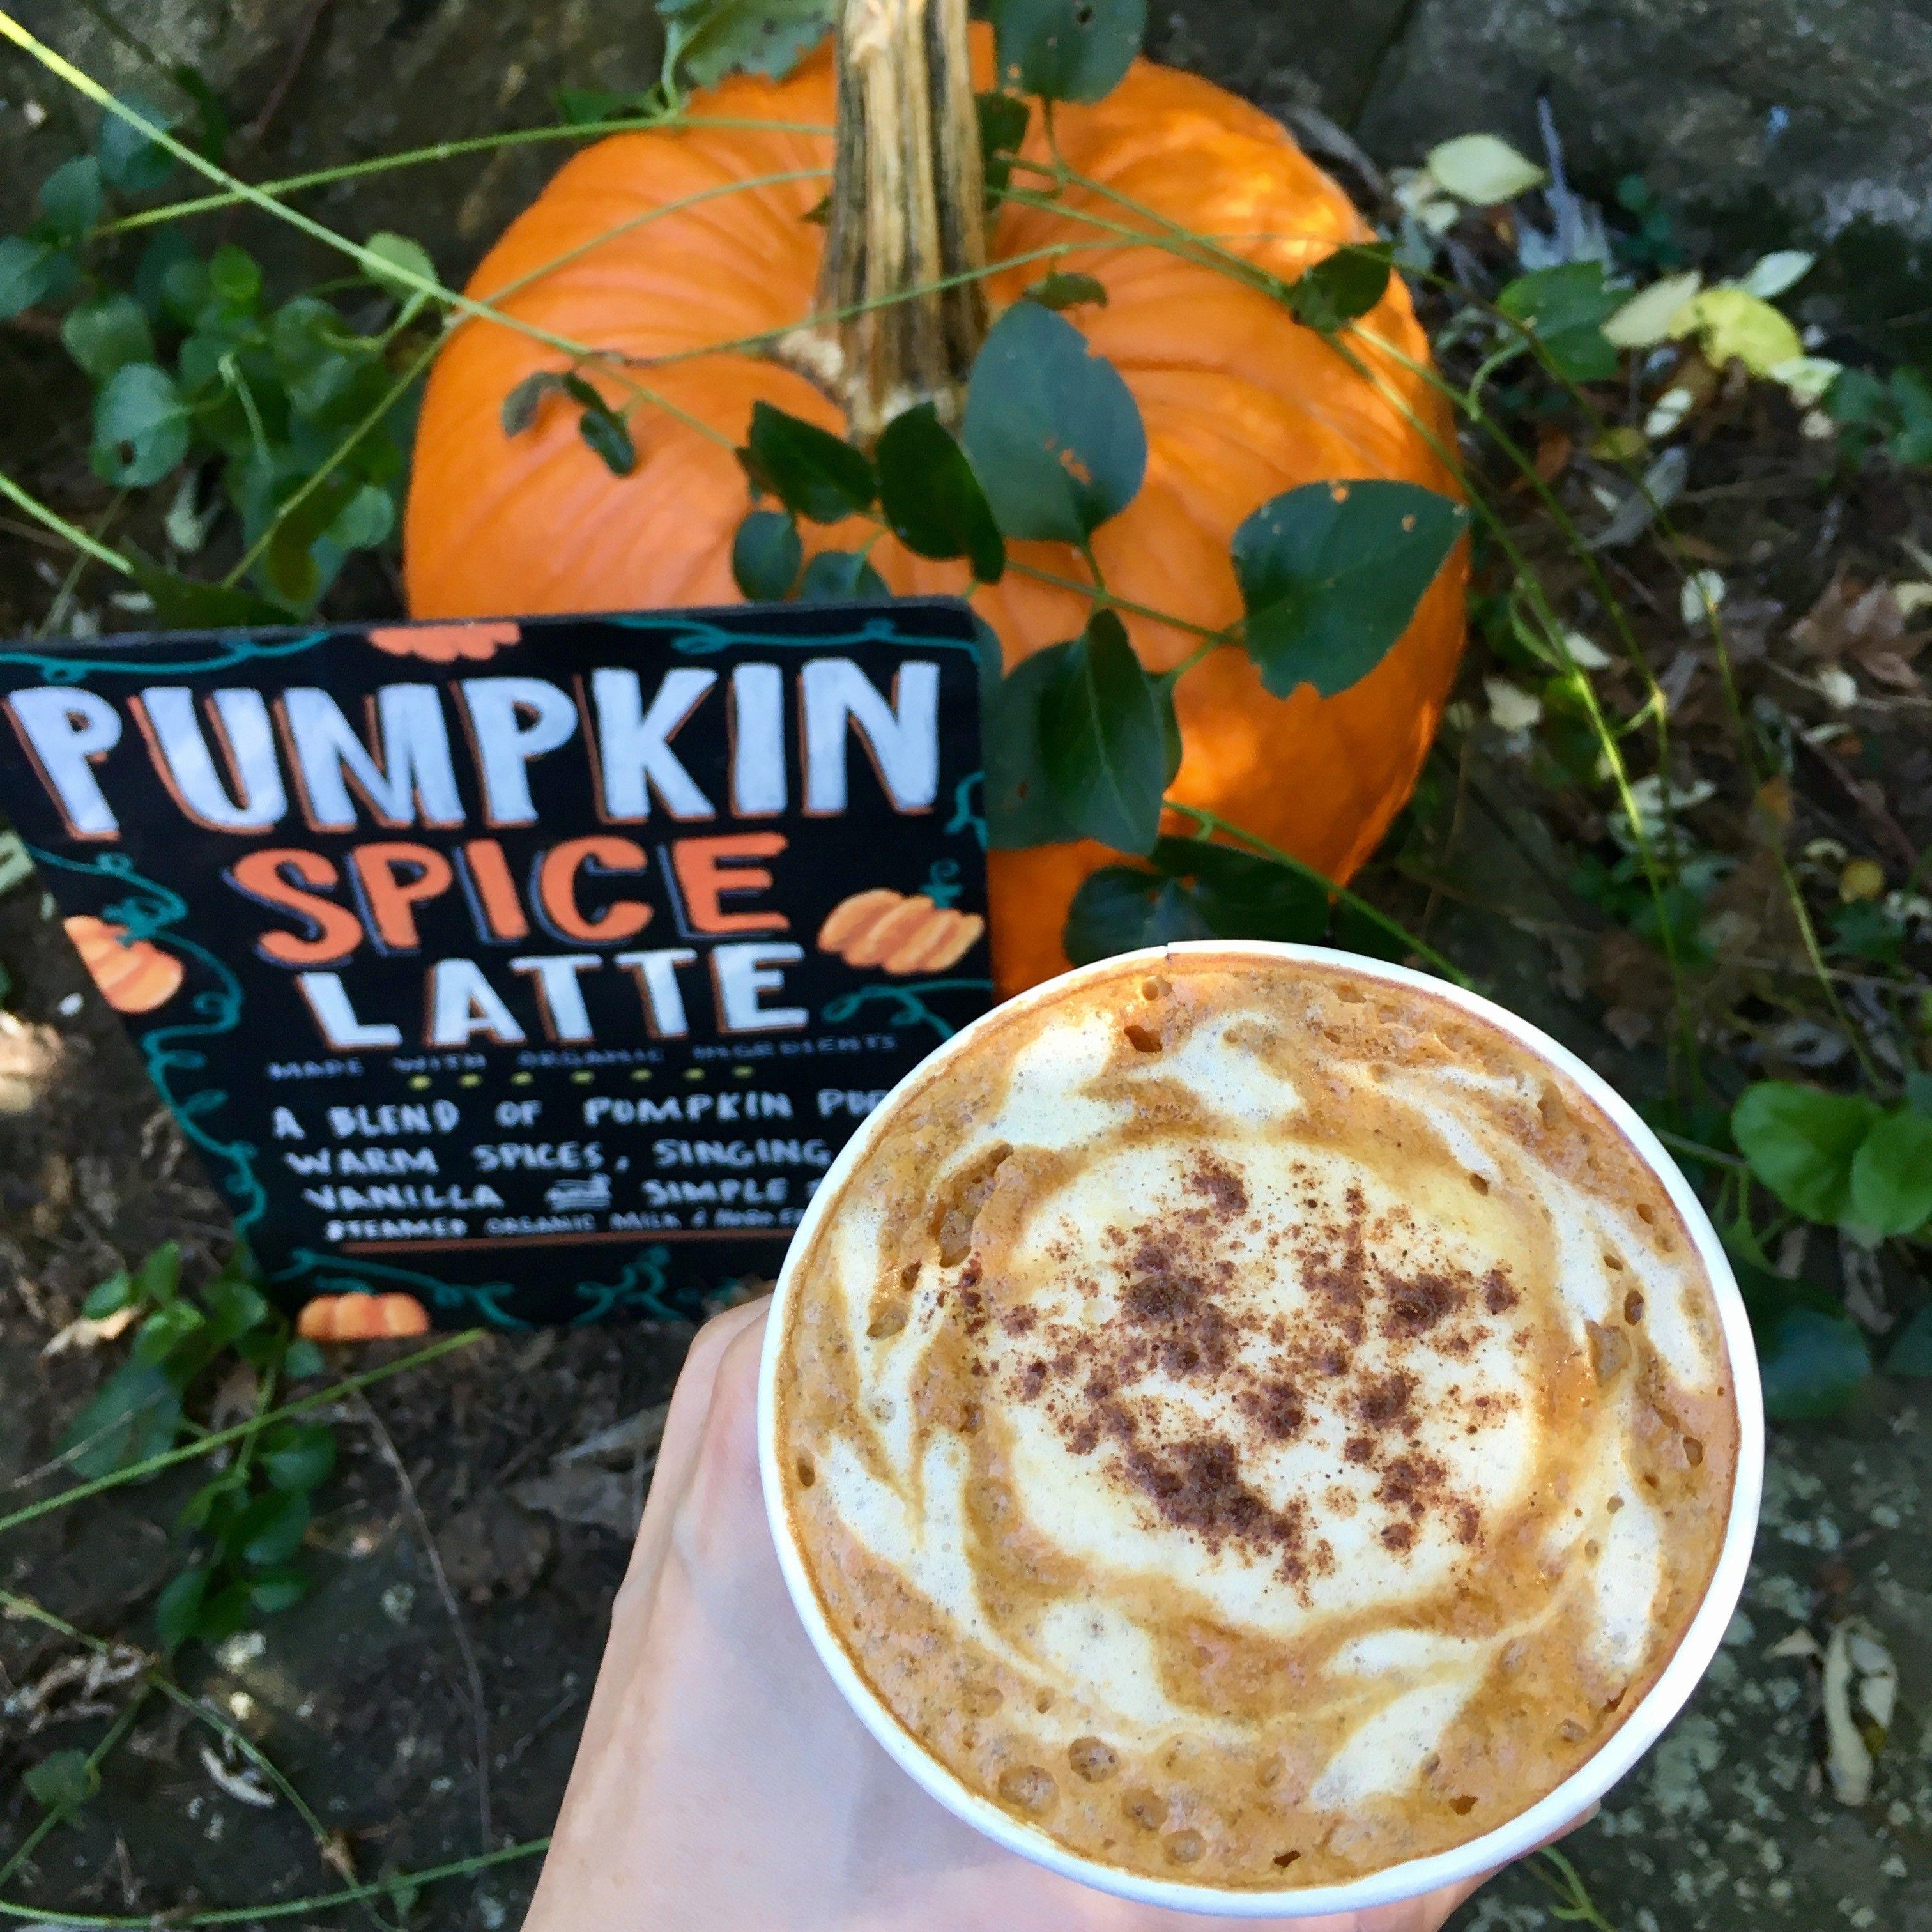 Pumpkin Spice Latte, Prepared